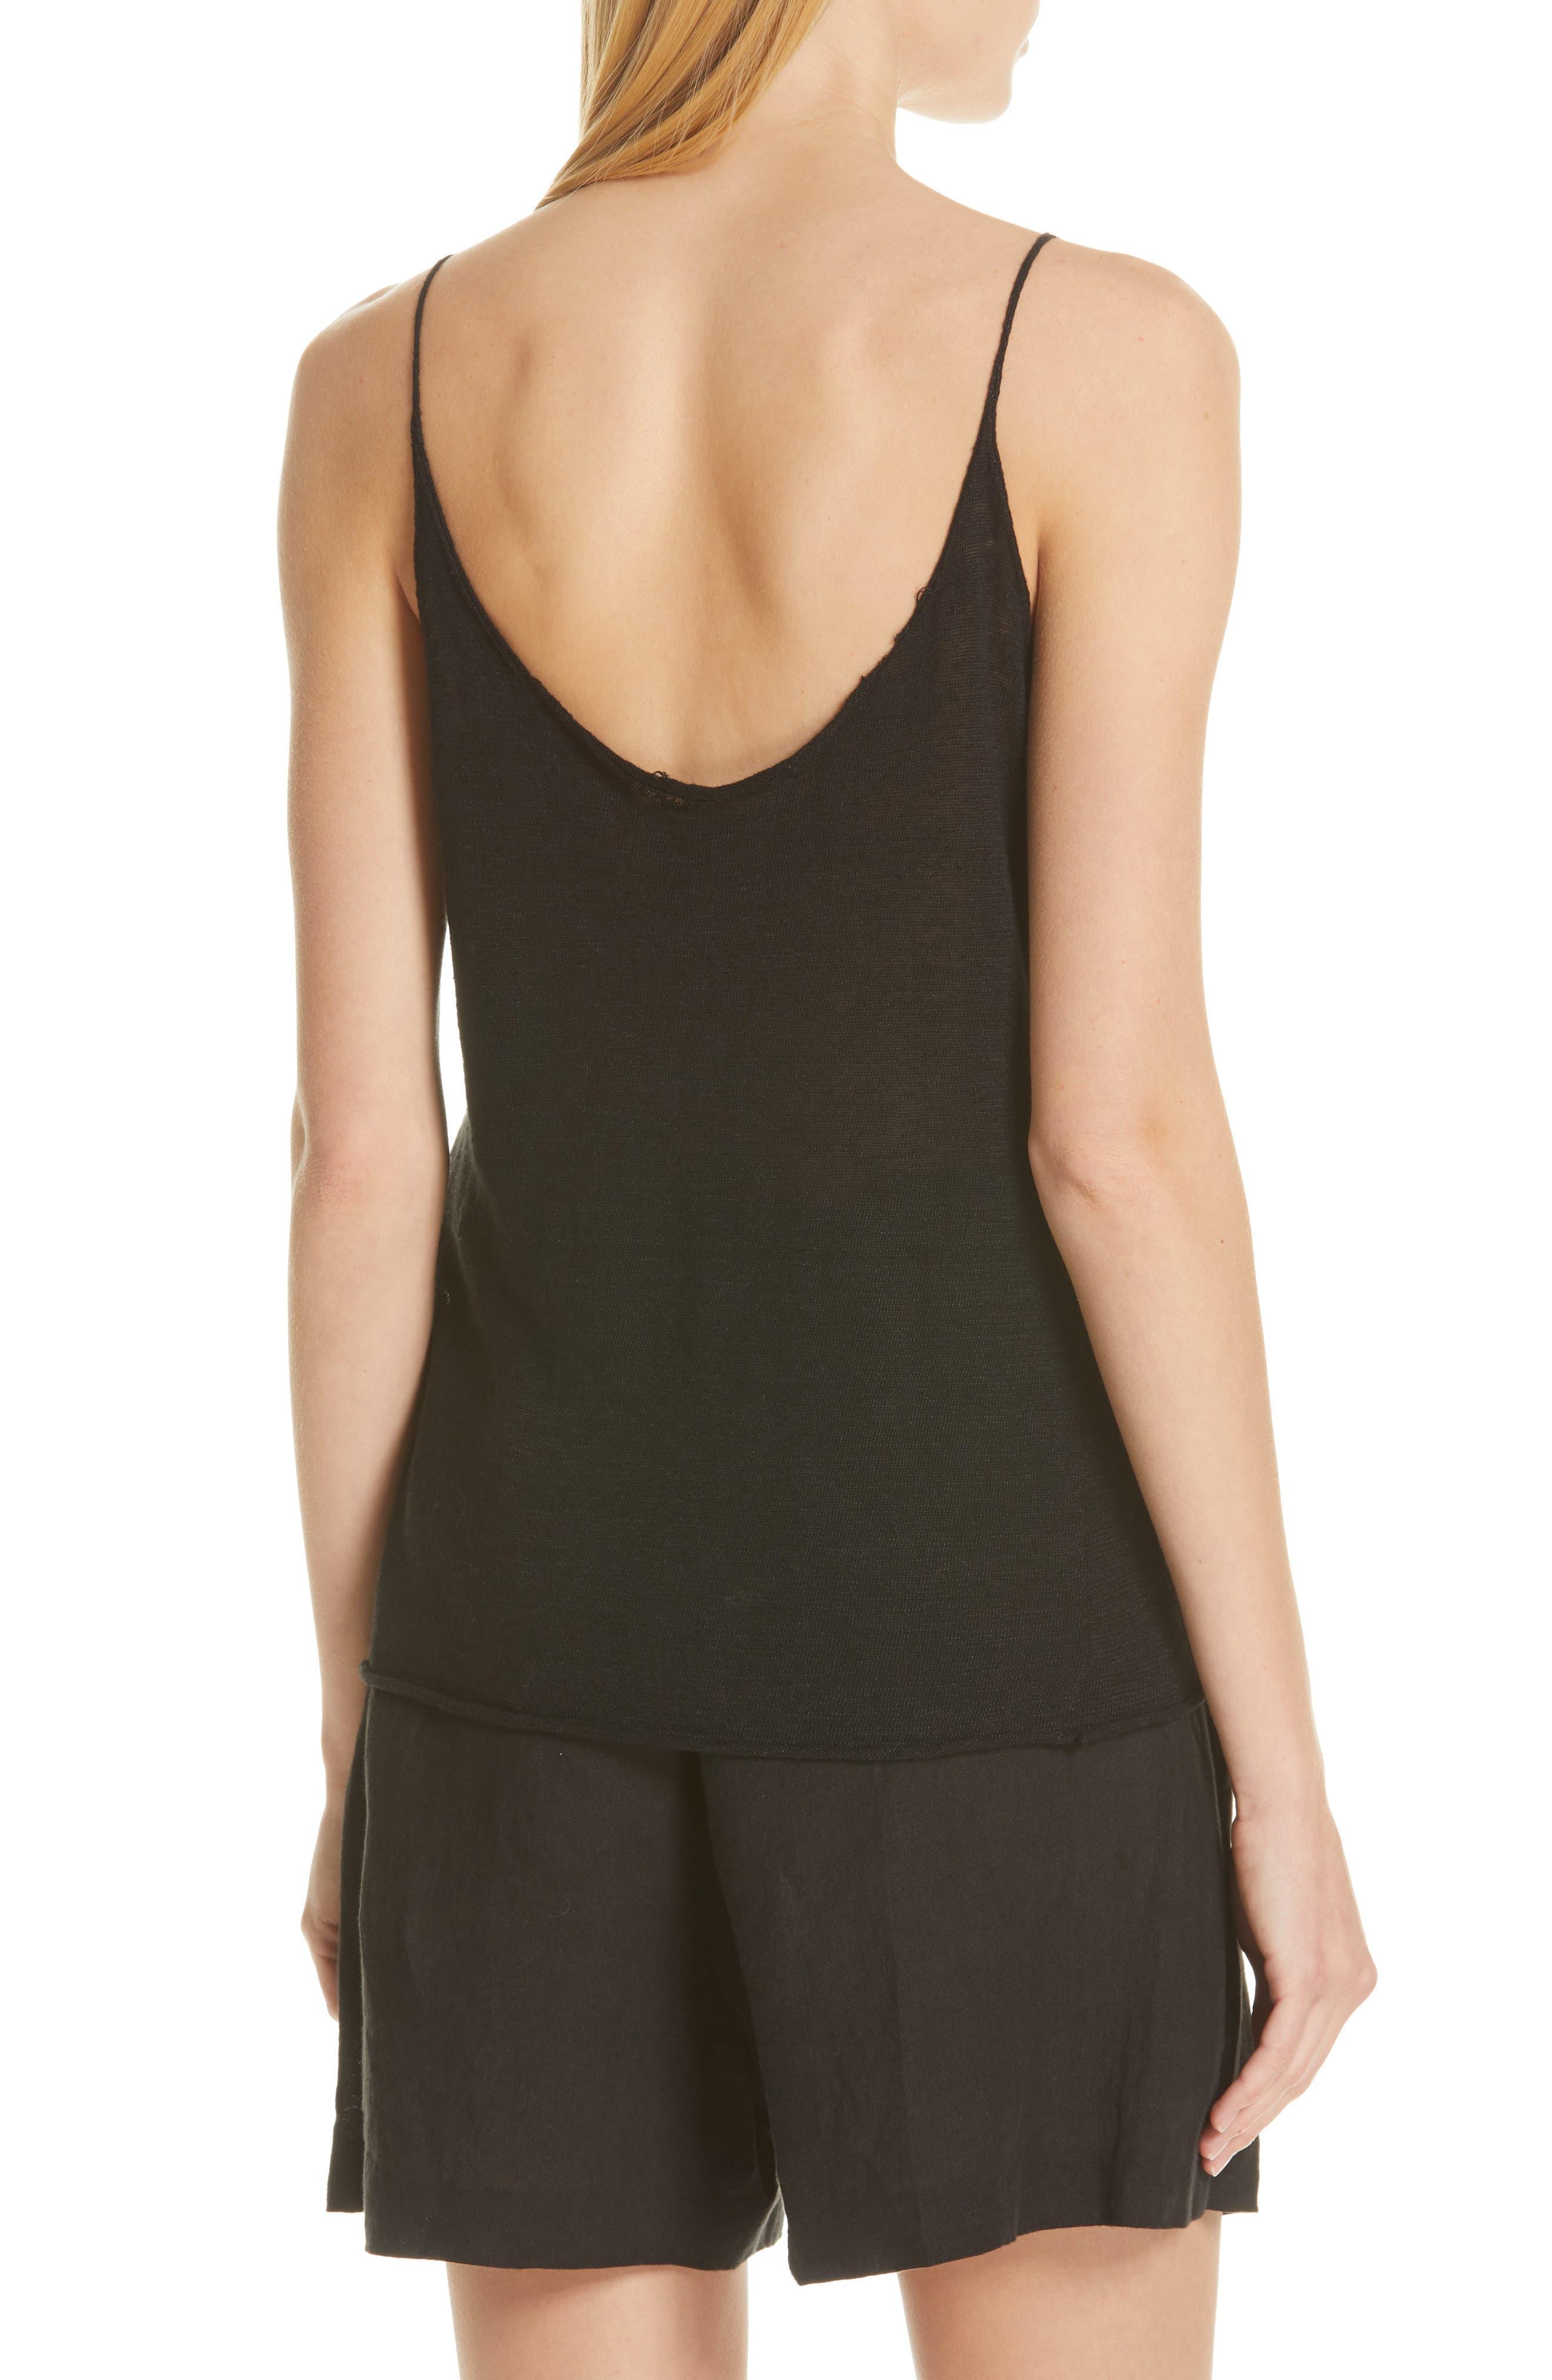 NILI LOTAN, Linen Sweater Tank, Alternate thumbnail 2, color, BLACK